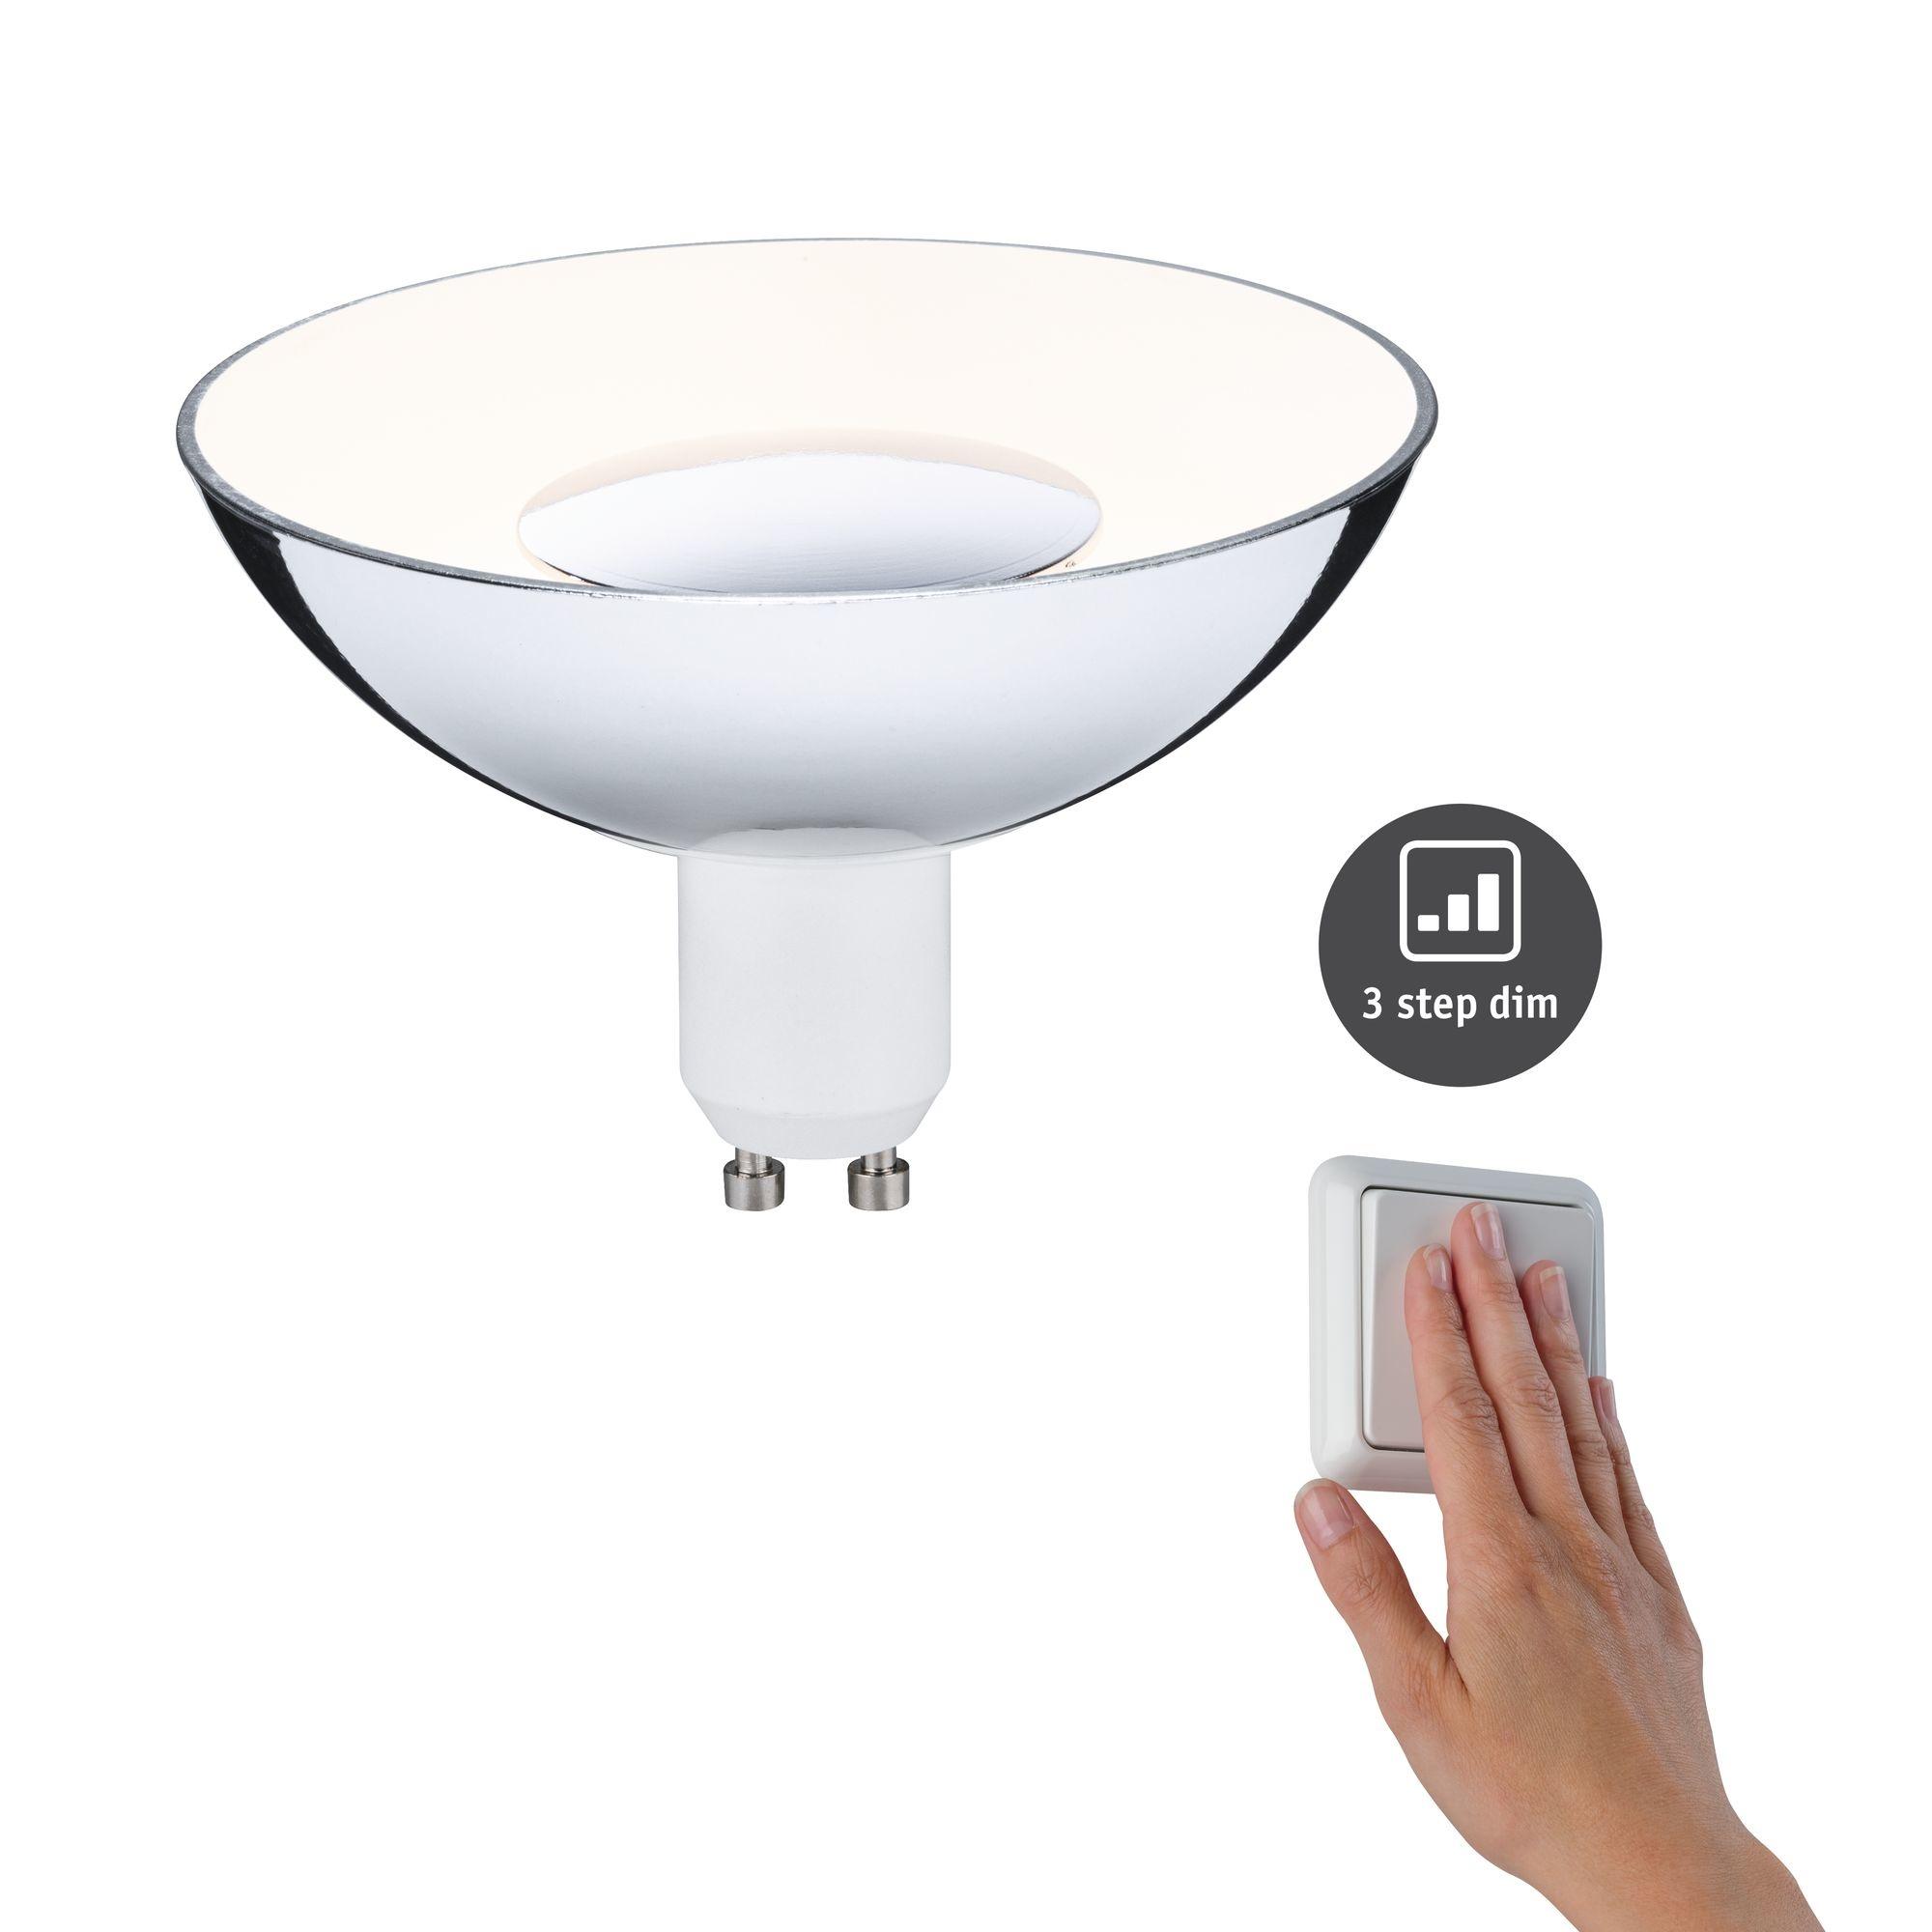 Paulmann LED Reflektor Silber/Weiß GU10 4,9W 230V 3-Stufen-dimmbar